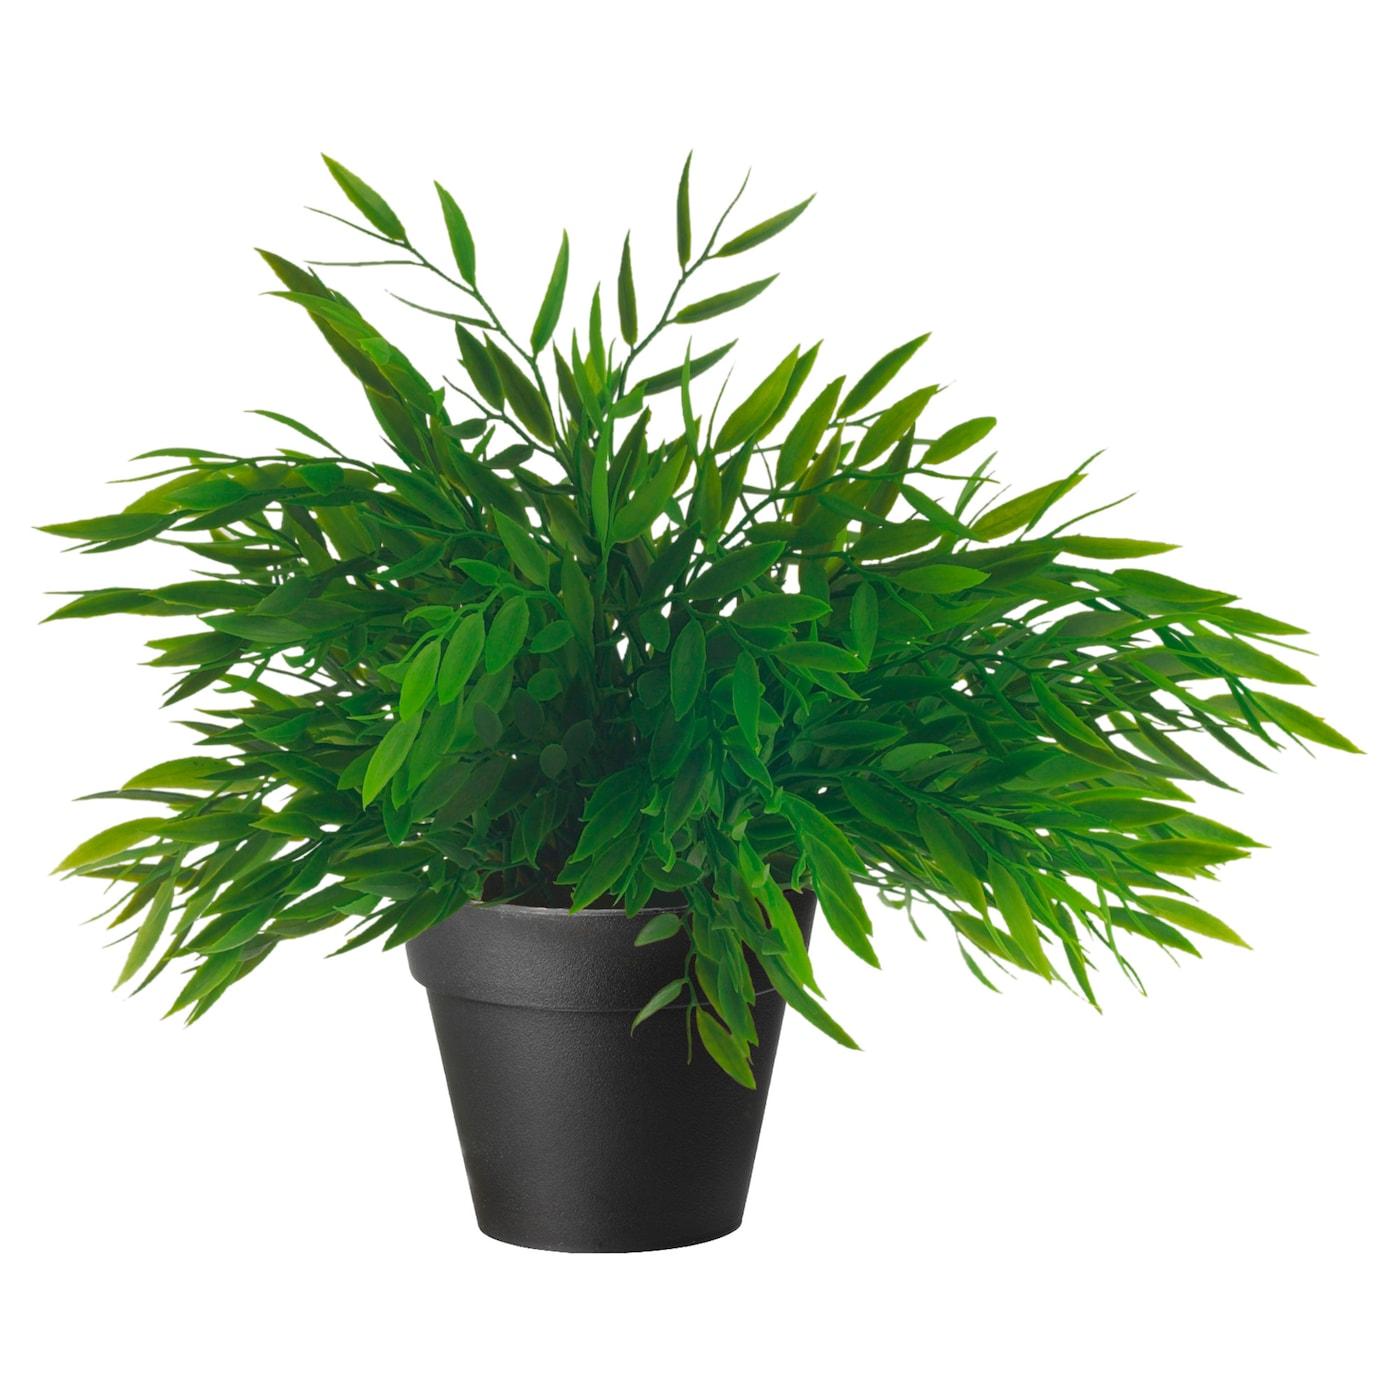 Plantas Jardinería Y Huerto Compra Online Ikea